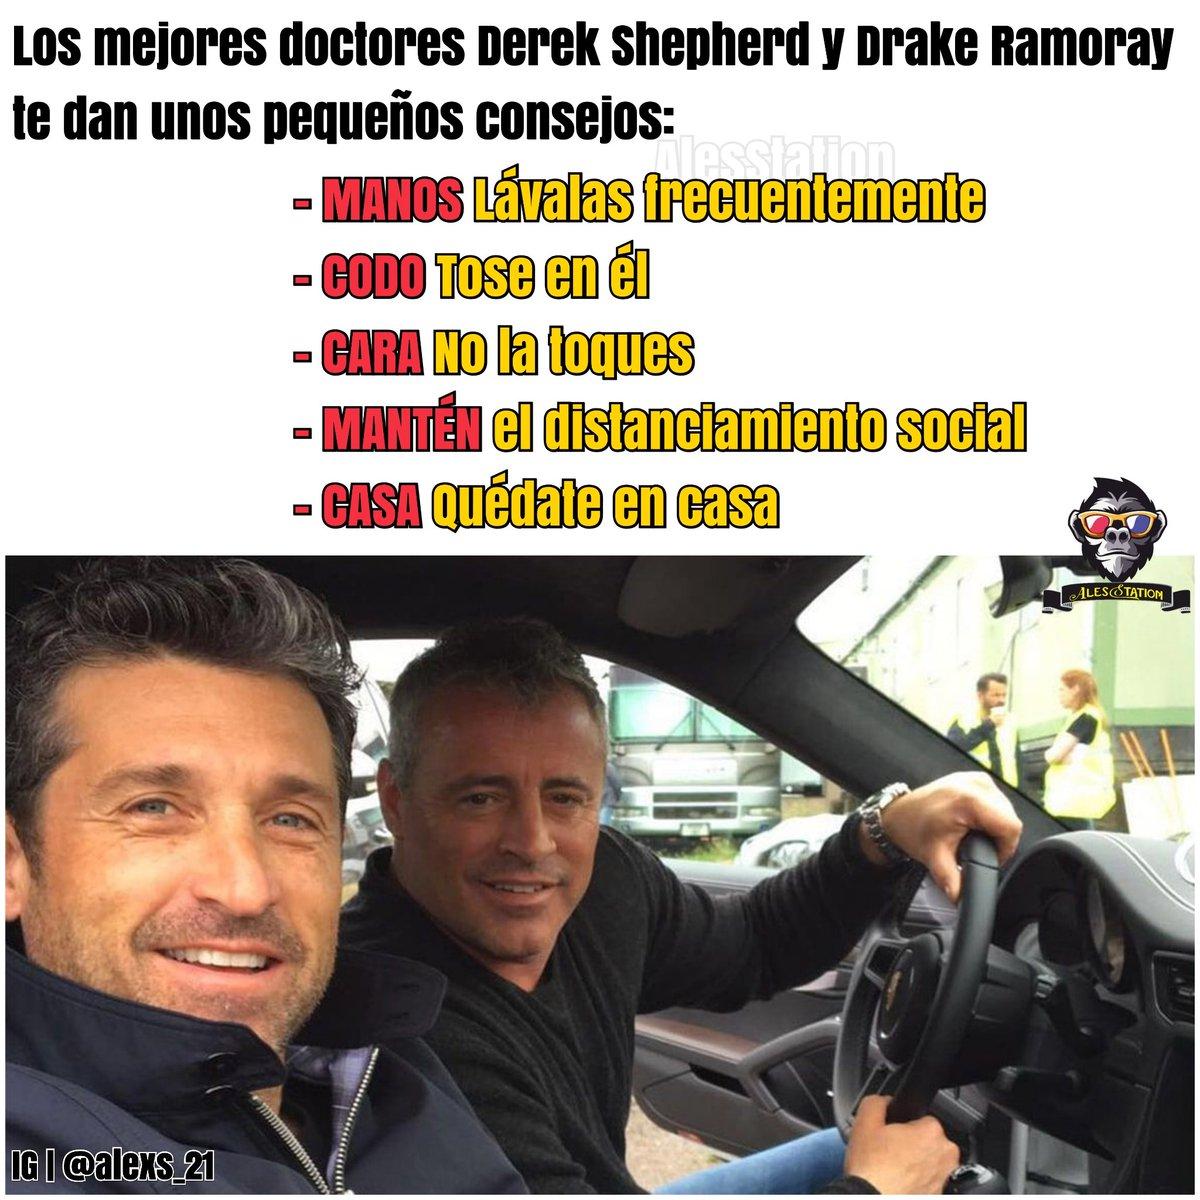 Los Dr. #DerekShepherd #DrakeRamoray te dan unos consejos Ellos son los únicos que pueden salvarnos #Coronavirus #COVID2019 #joeytribbiani #friends  #friendstvshow #mattleblanc #drderekshepherd #COVID19Ecuador #ToqueDeQuedaEcuador #GreysAnatomy #ABCNetwork #PatrickDempseypic.twitter.com/0nLy7sGu6A